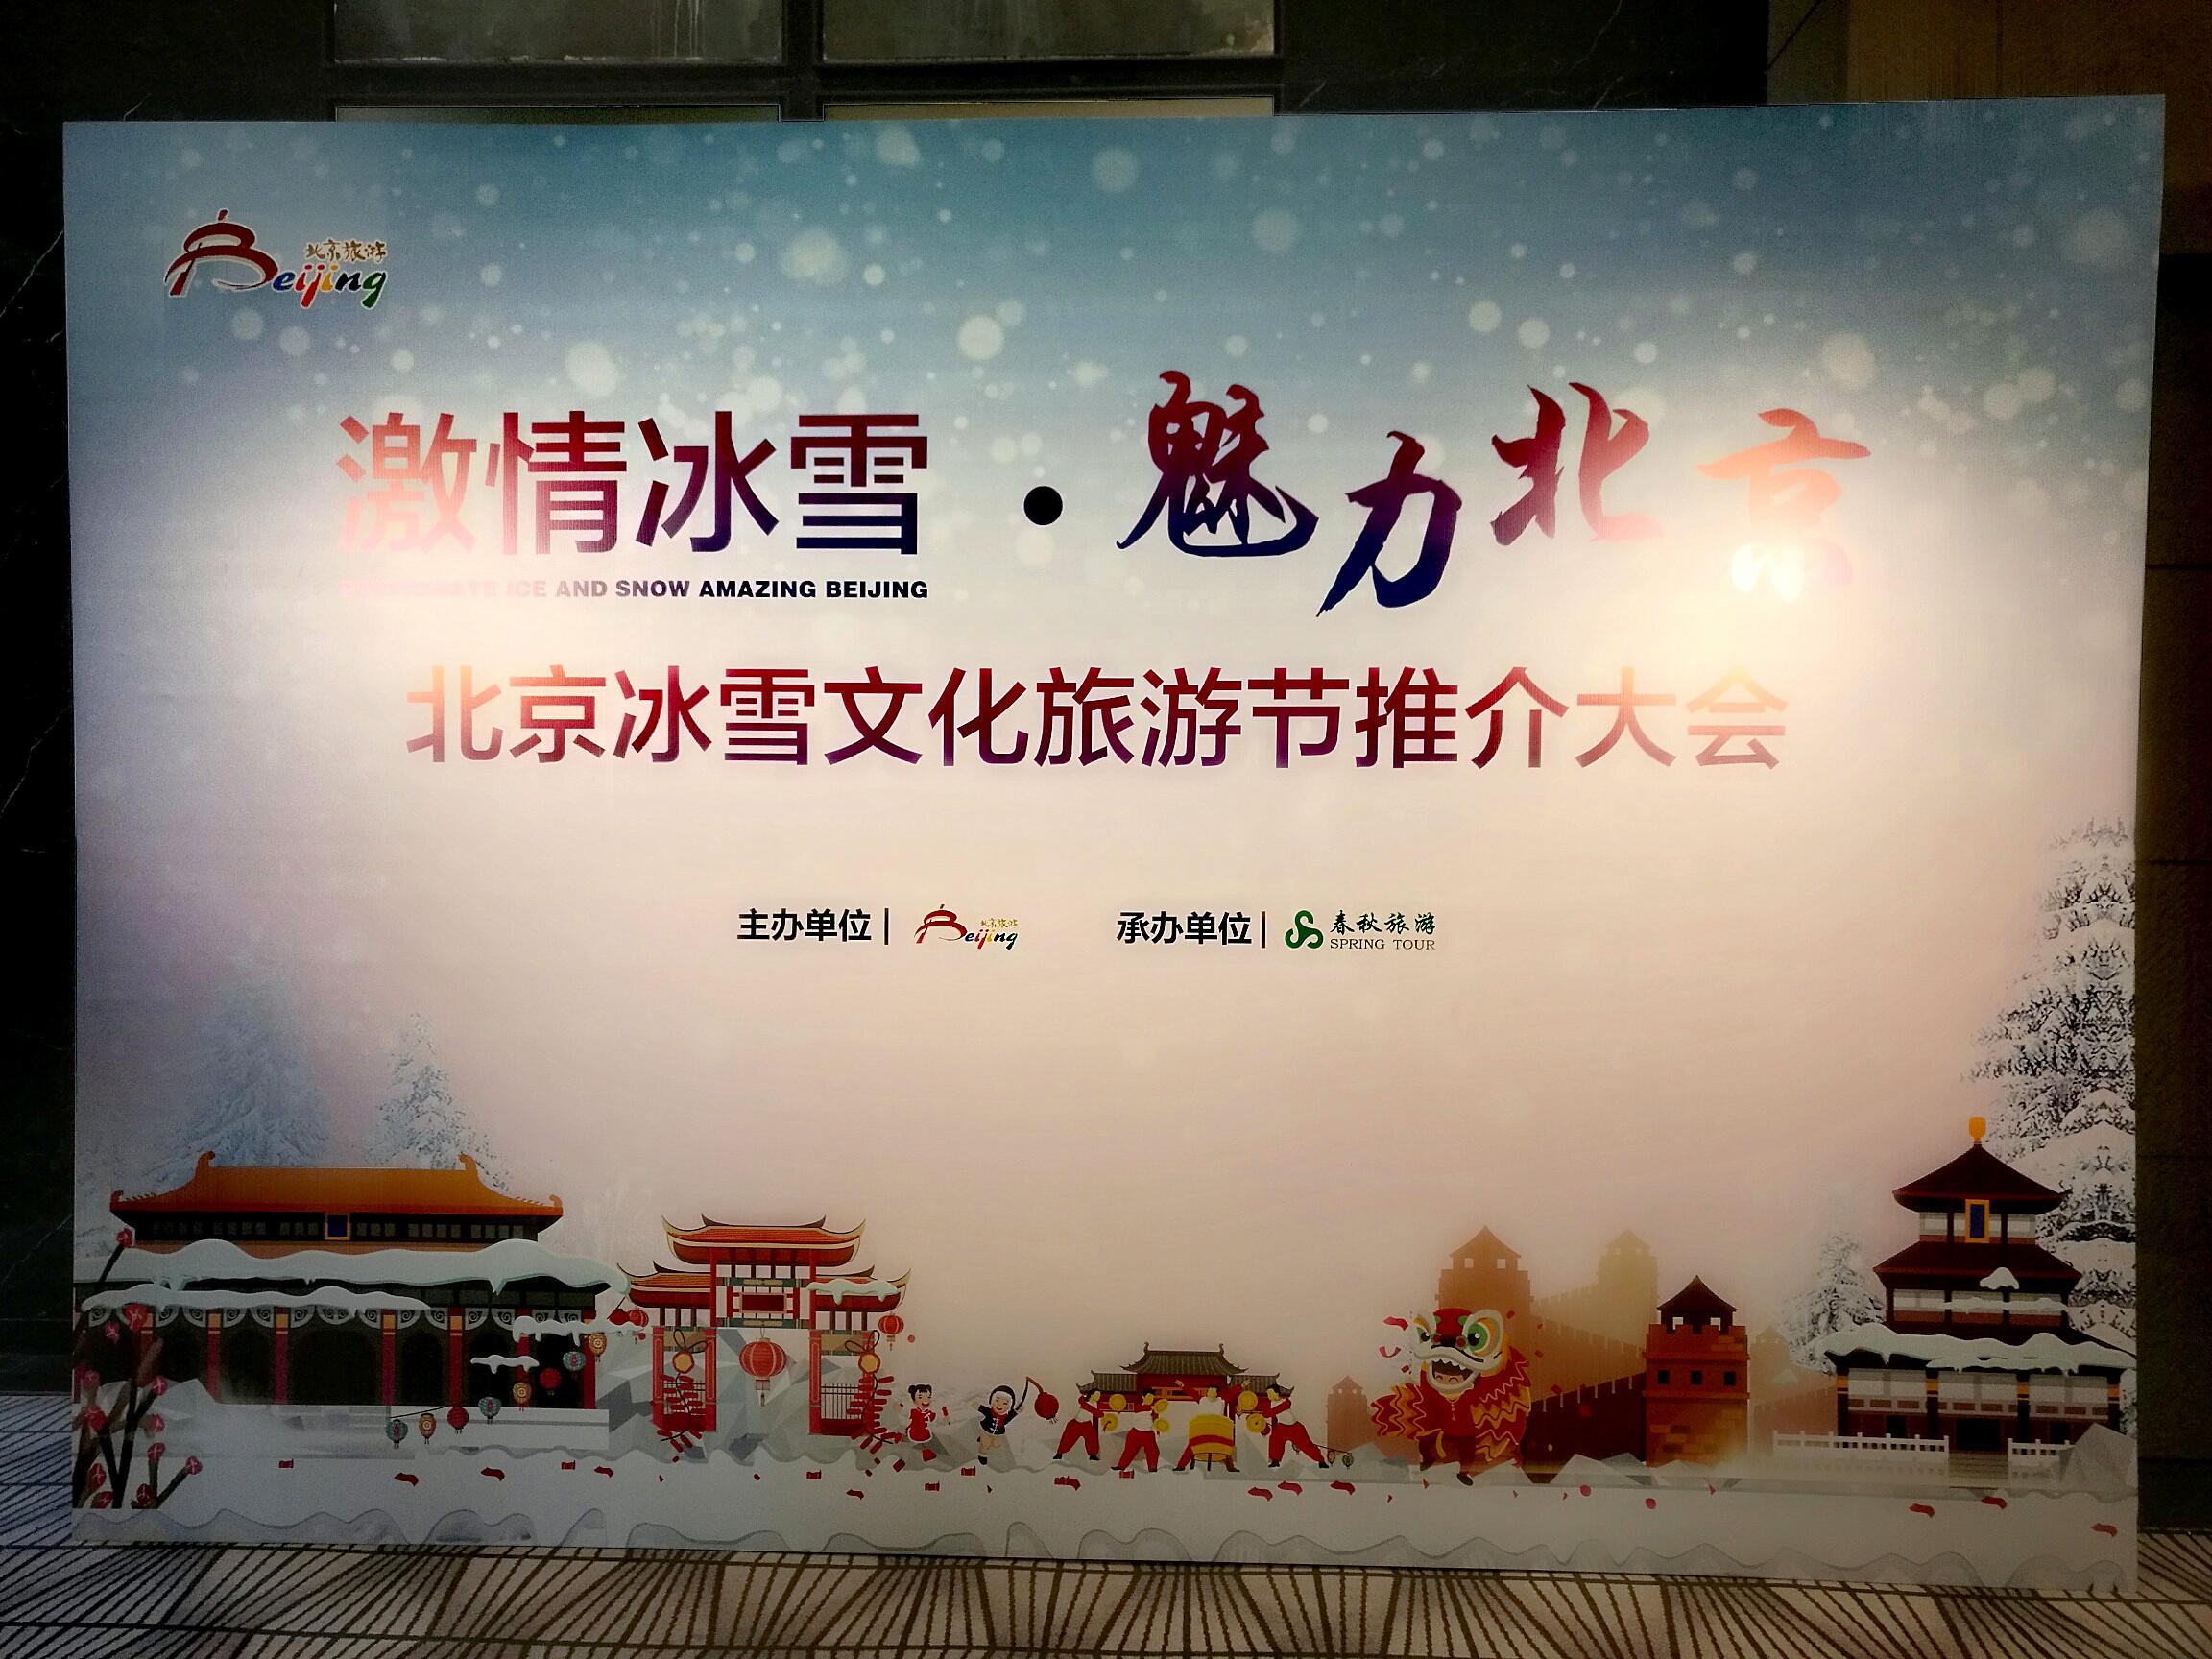 """北京推出""""激情冰雪·魅力北京""""多款路冬季旅游产品线路"""